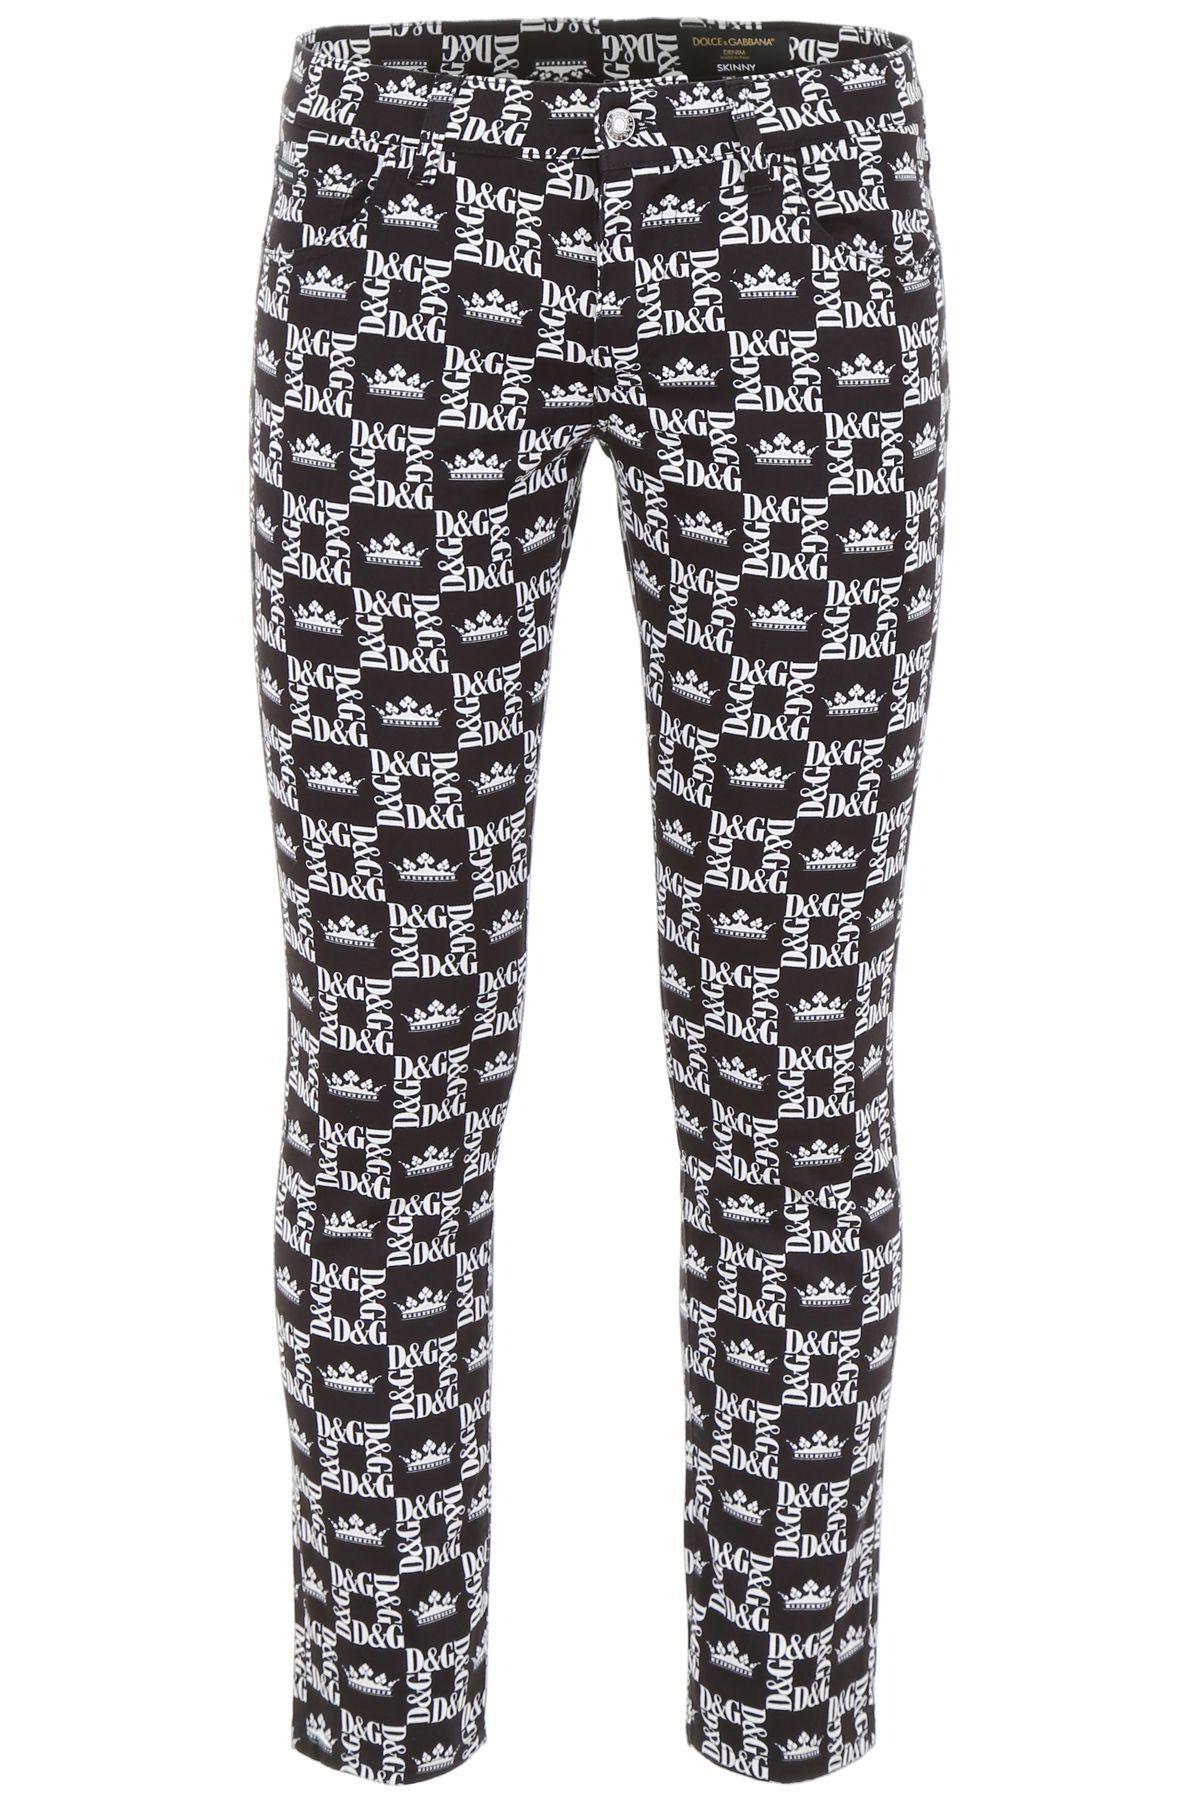 Dolce & Gabbana Logo Print Jeans In Dg Corone Fdo Nero (Black)